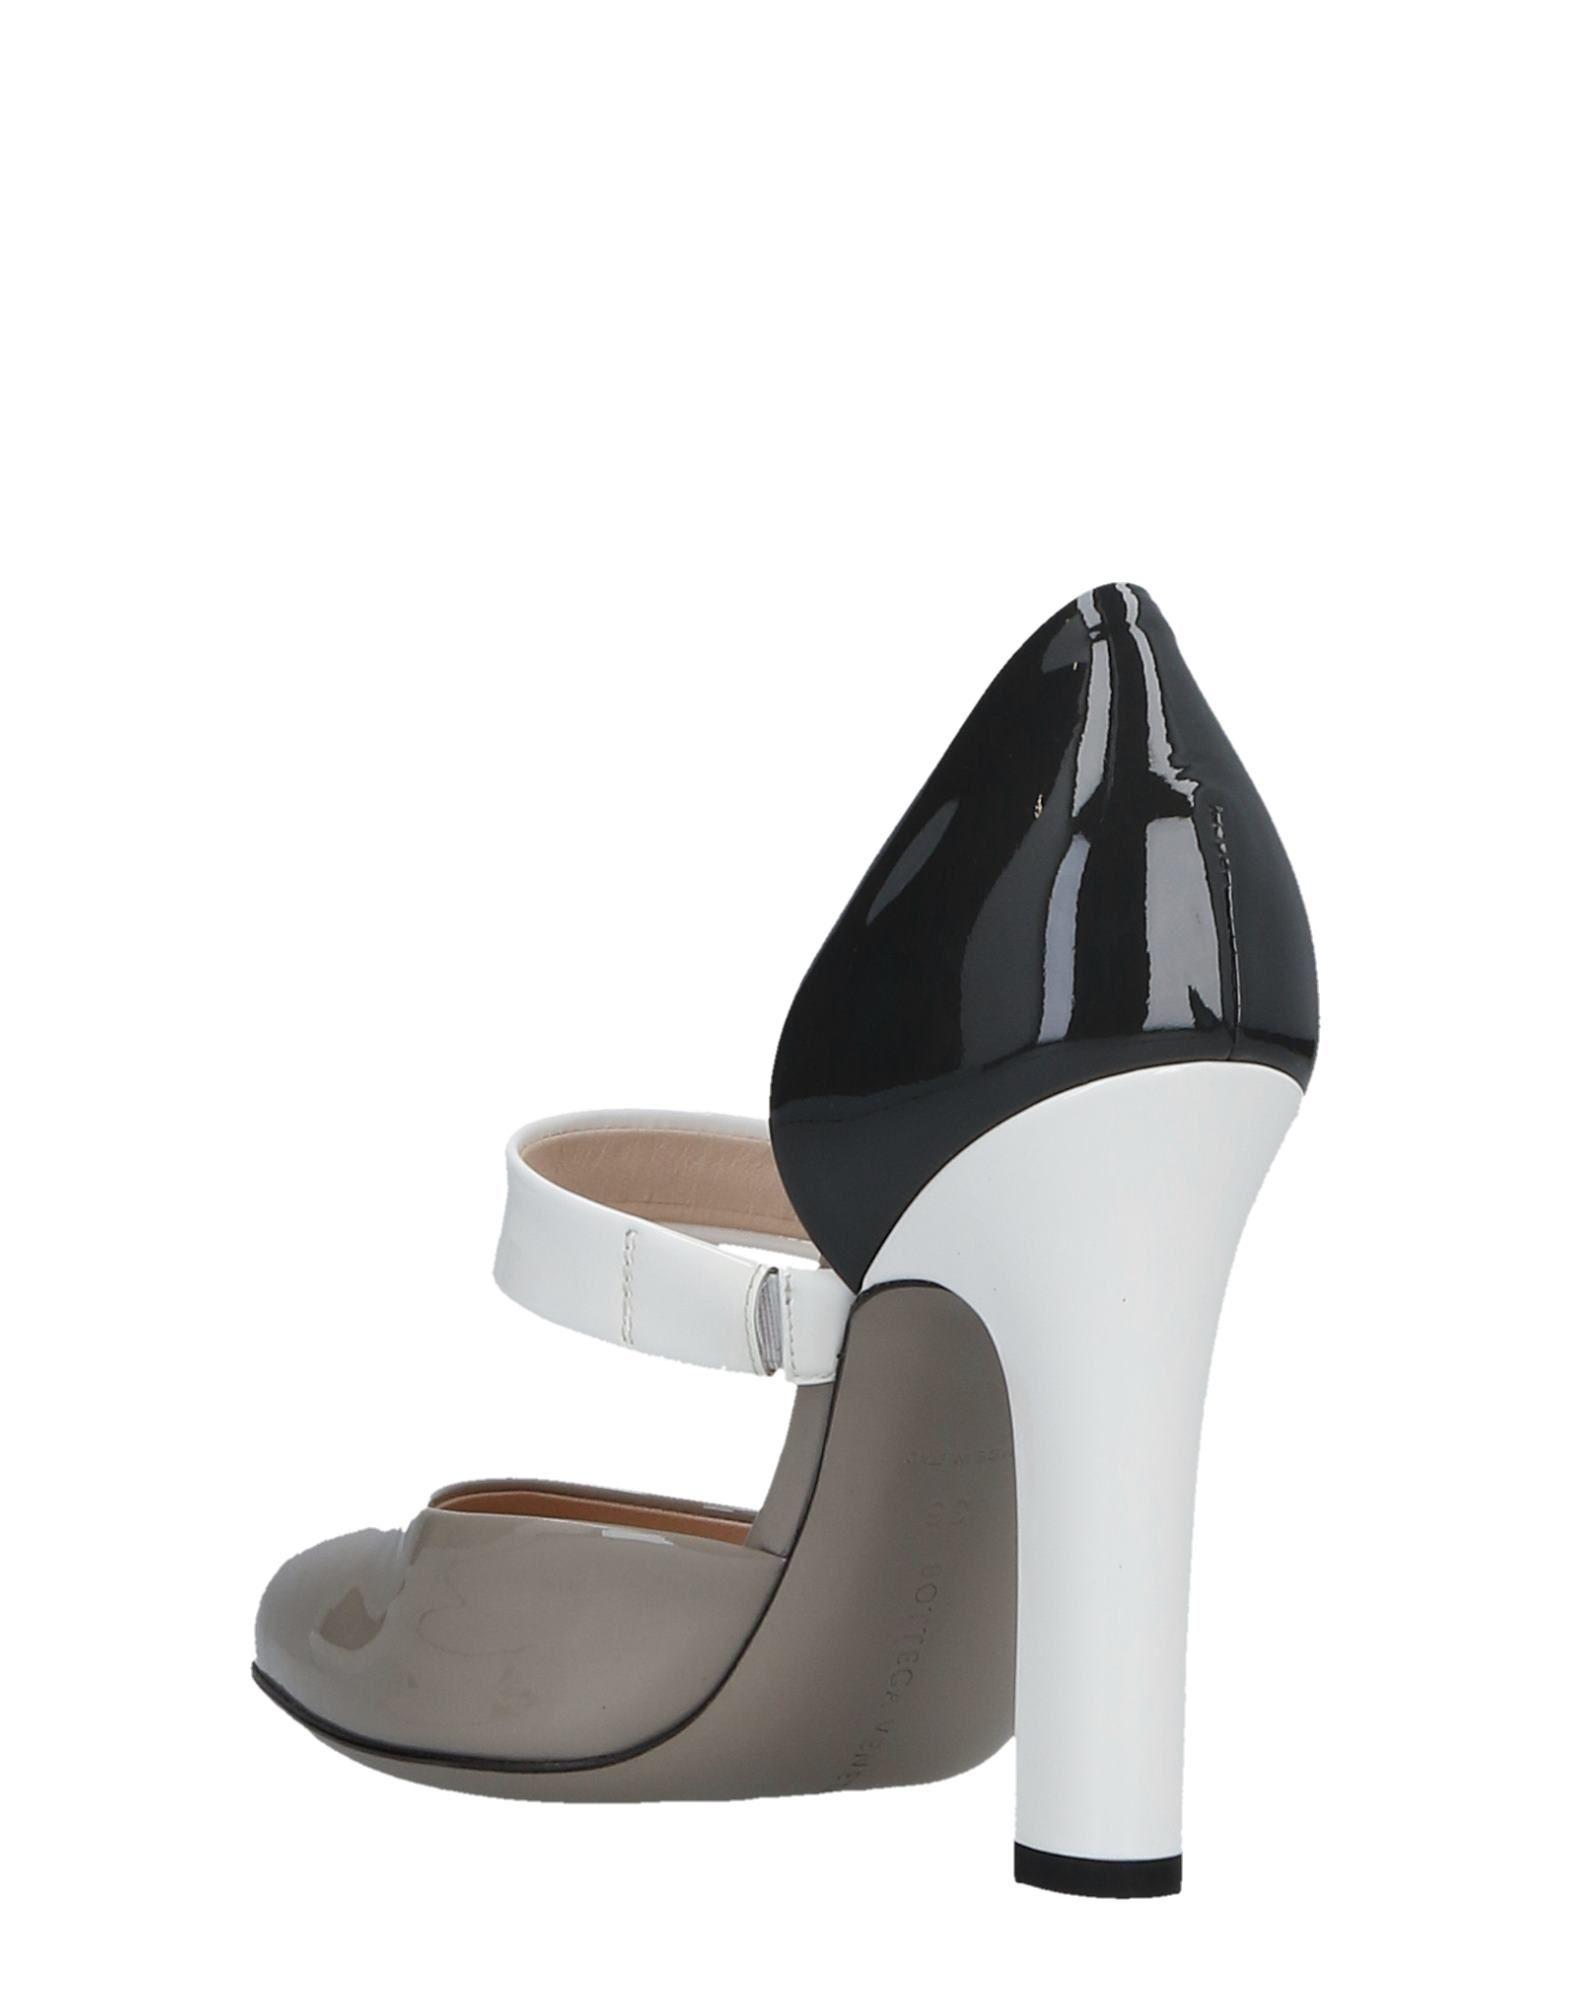 Rabatt Damen Schuhe Bottega Veneta Pumps Damen Rabatt  11509349HH 8cf7d5